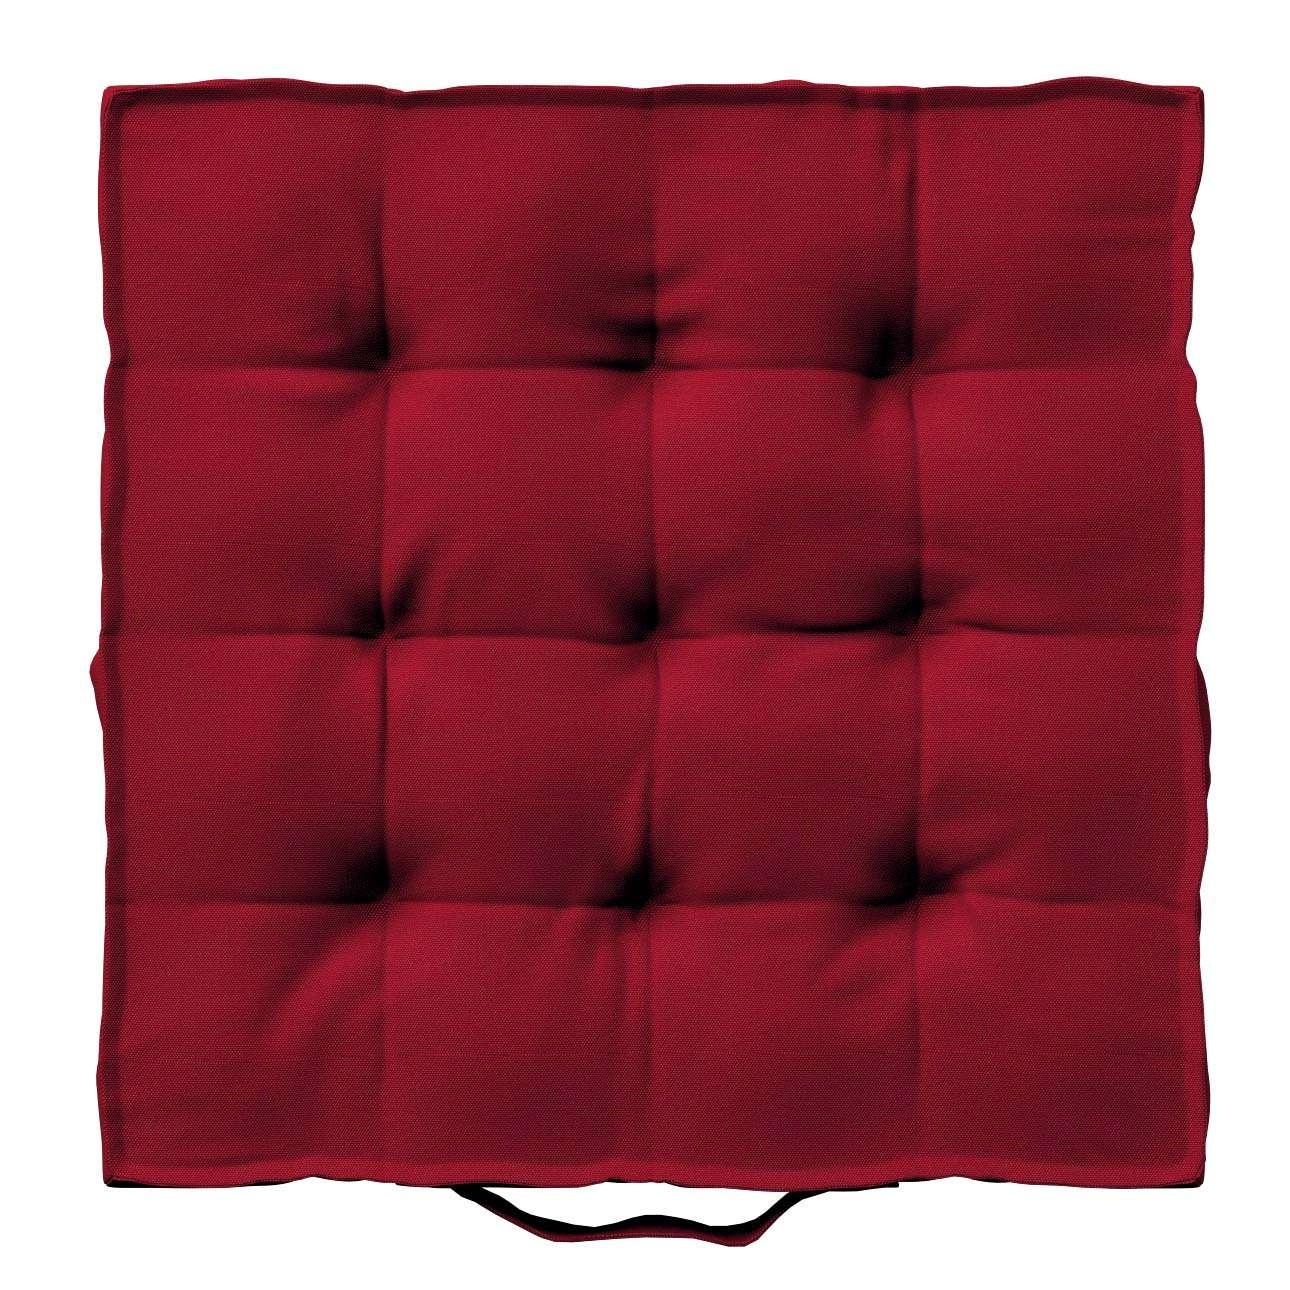 Pagalvėlė Kuba kėdei/ant grindų 40 x 40 x 6 cm kolekcijoje Etna , audinys: 705-60